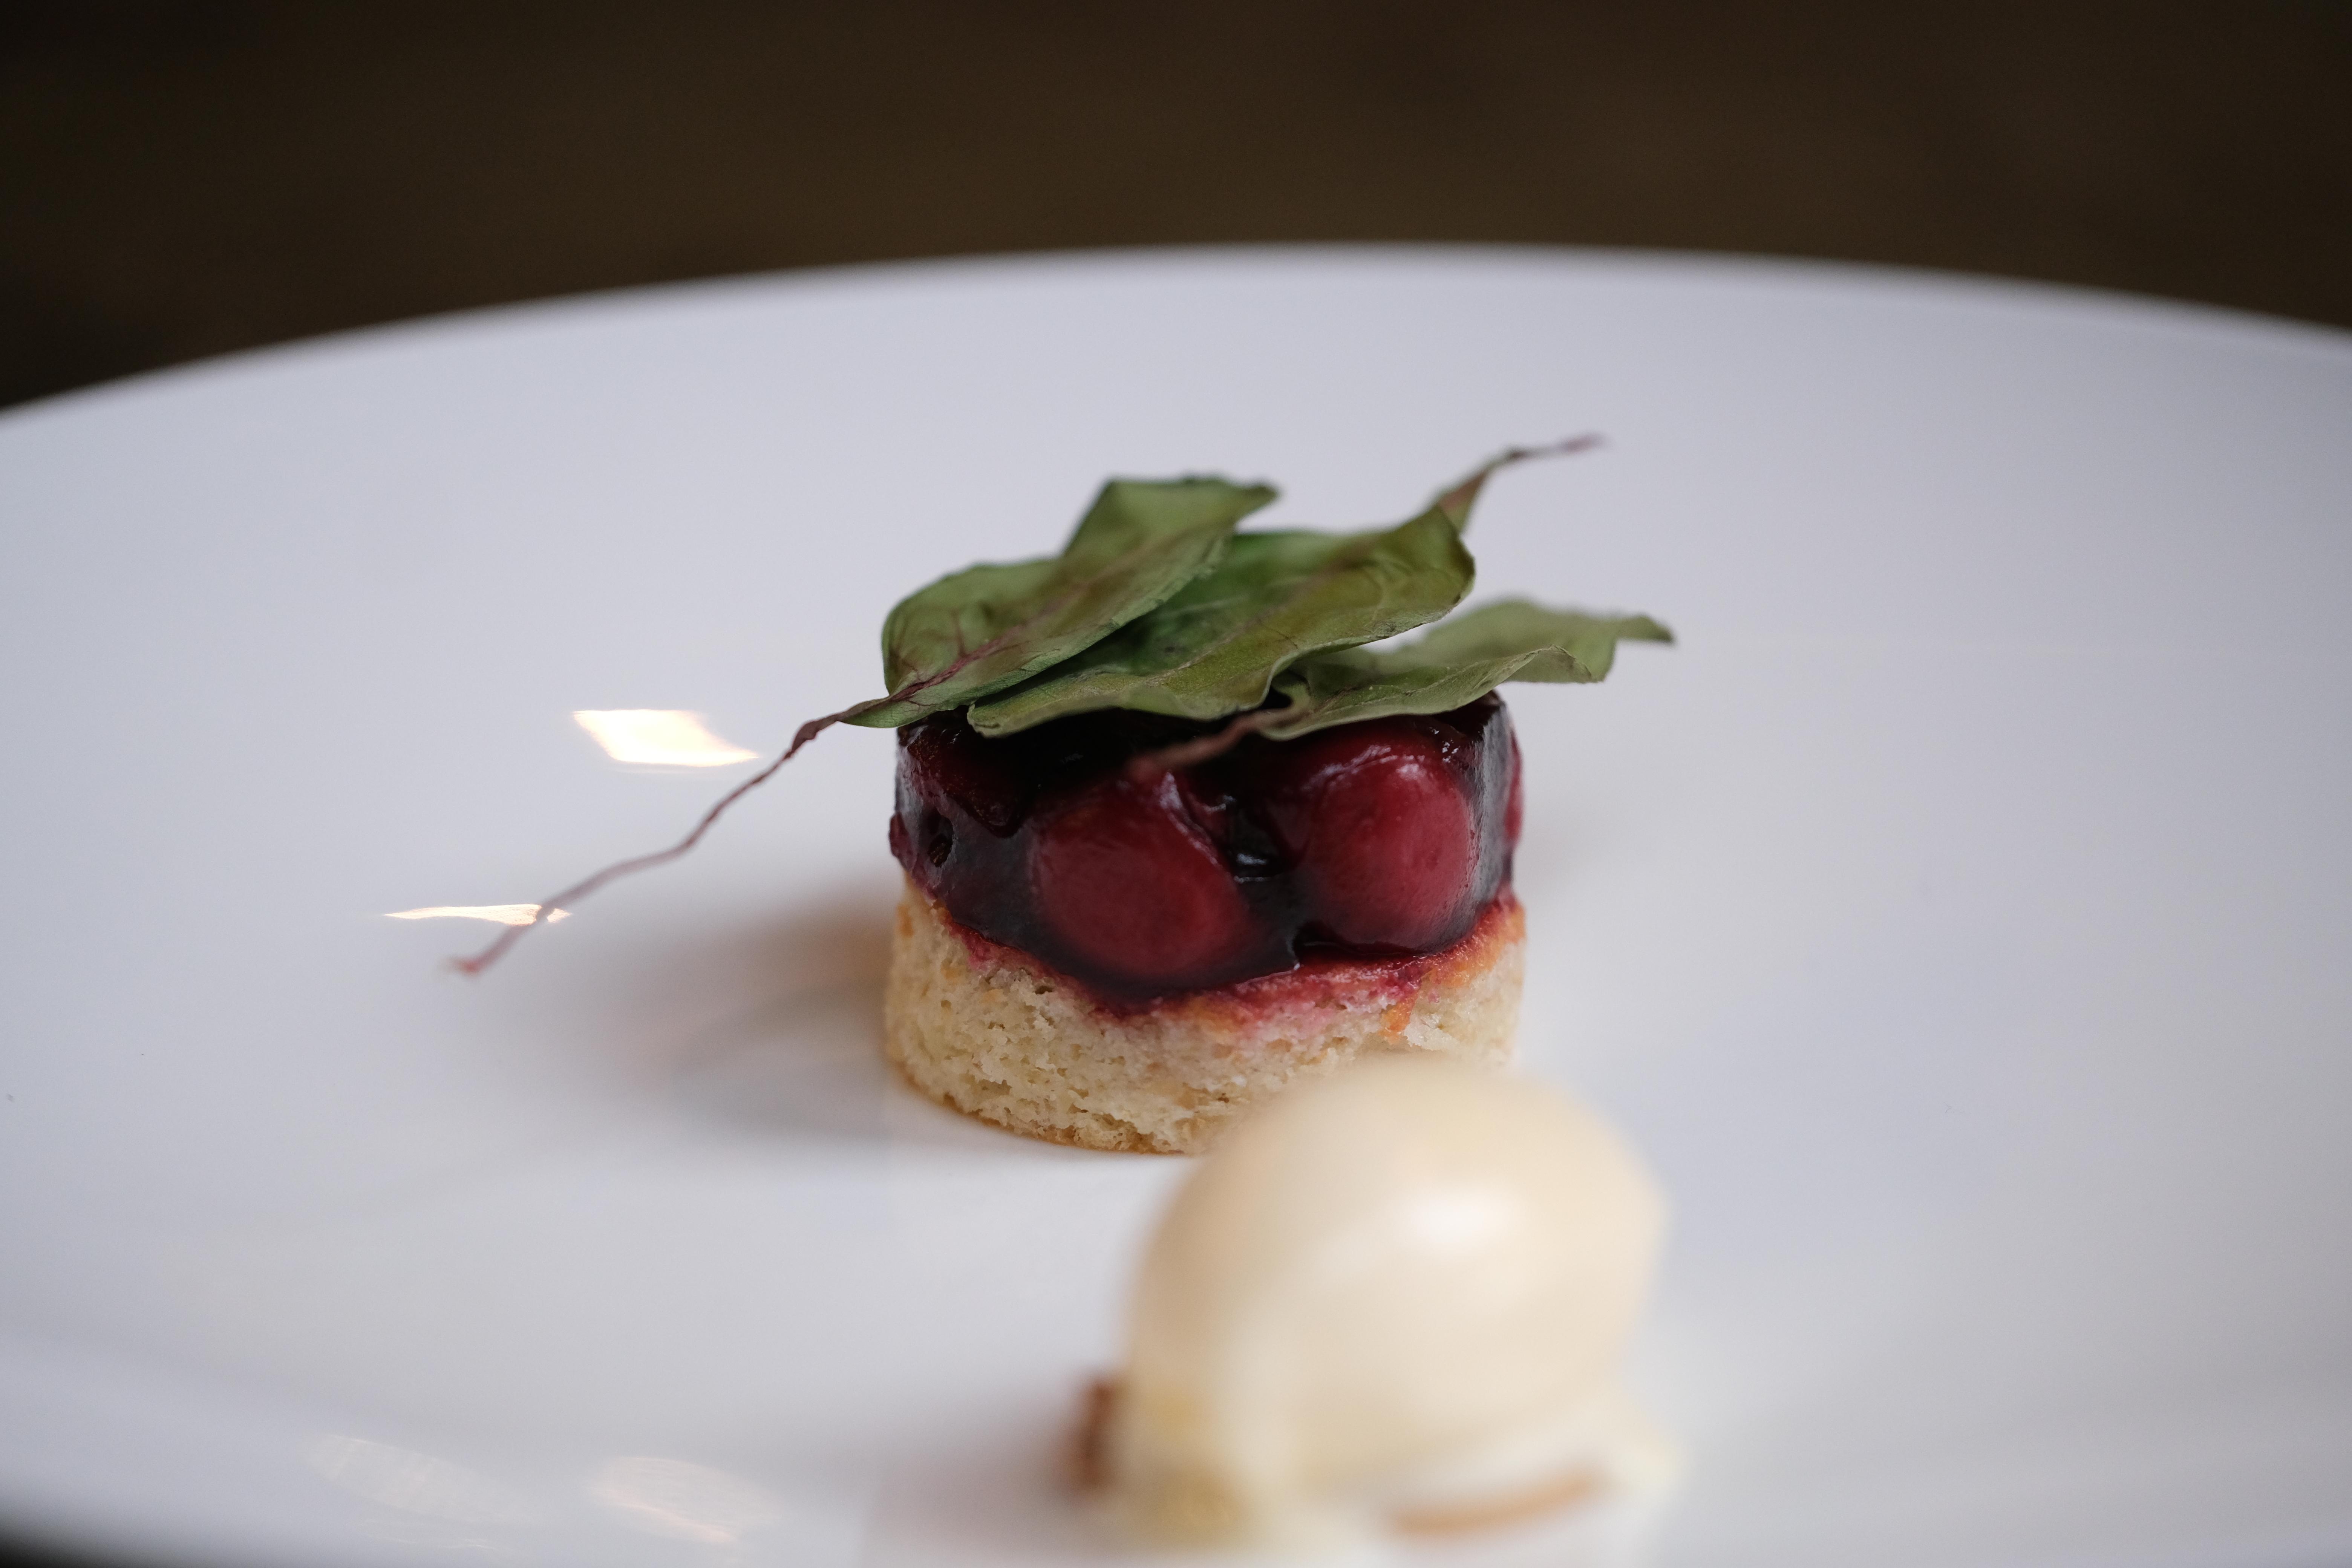 Kirsche_Dessert_Mural_Restaurant_9_©Lenk